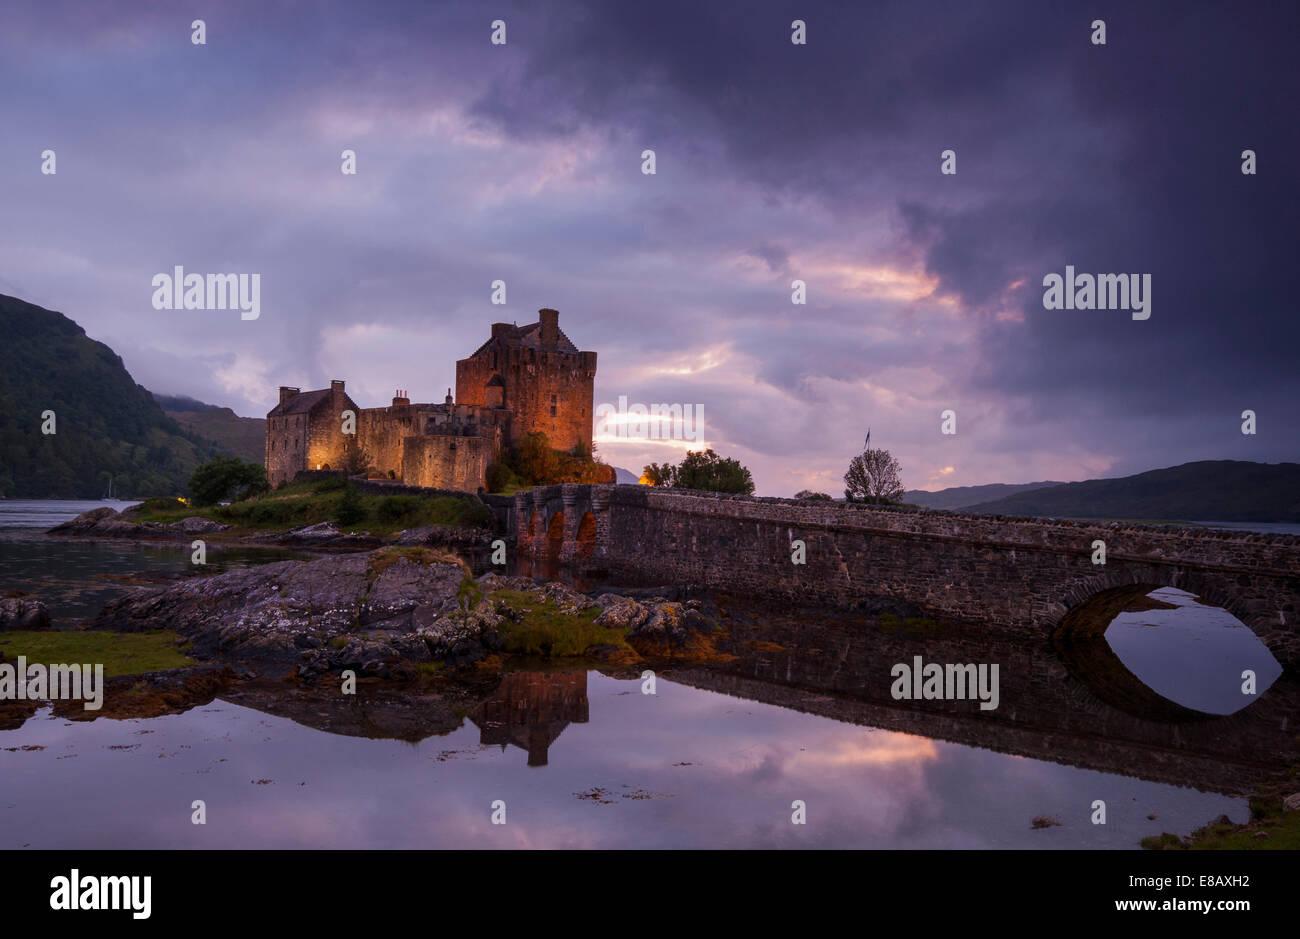 Sunset at Eilean Donan Castle on Loch Duich near Dornie in Scotland, UK - Stock Image